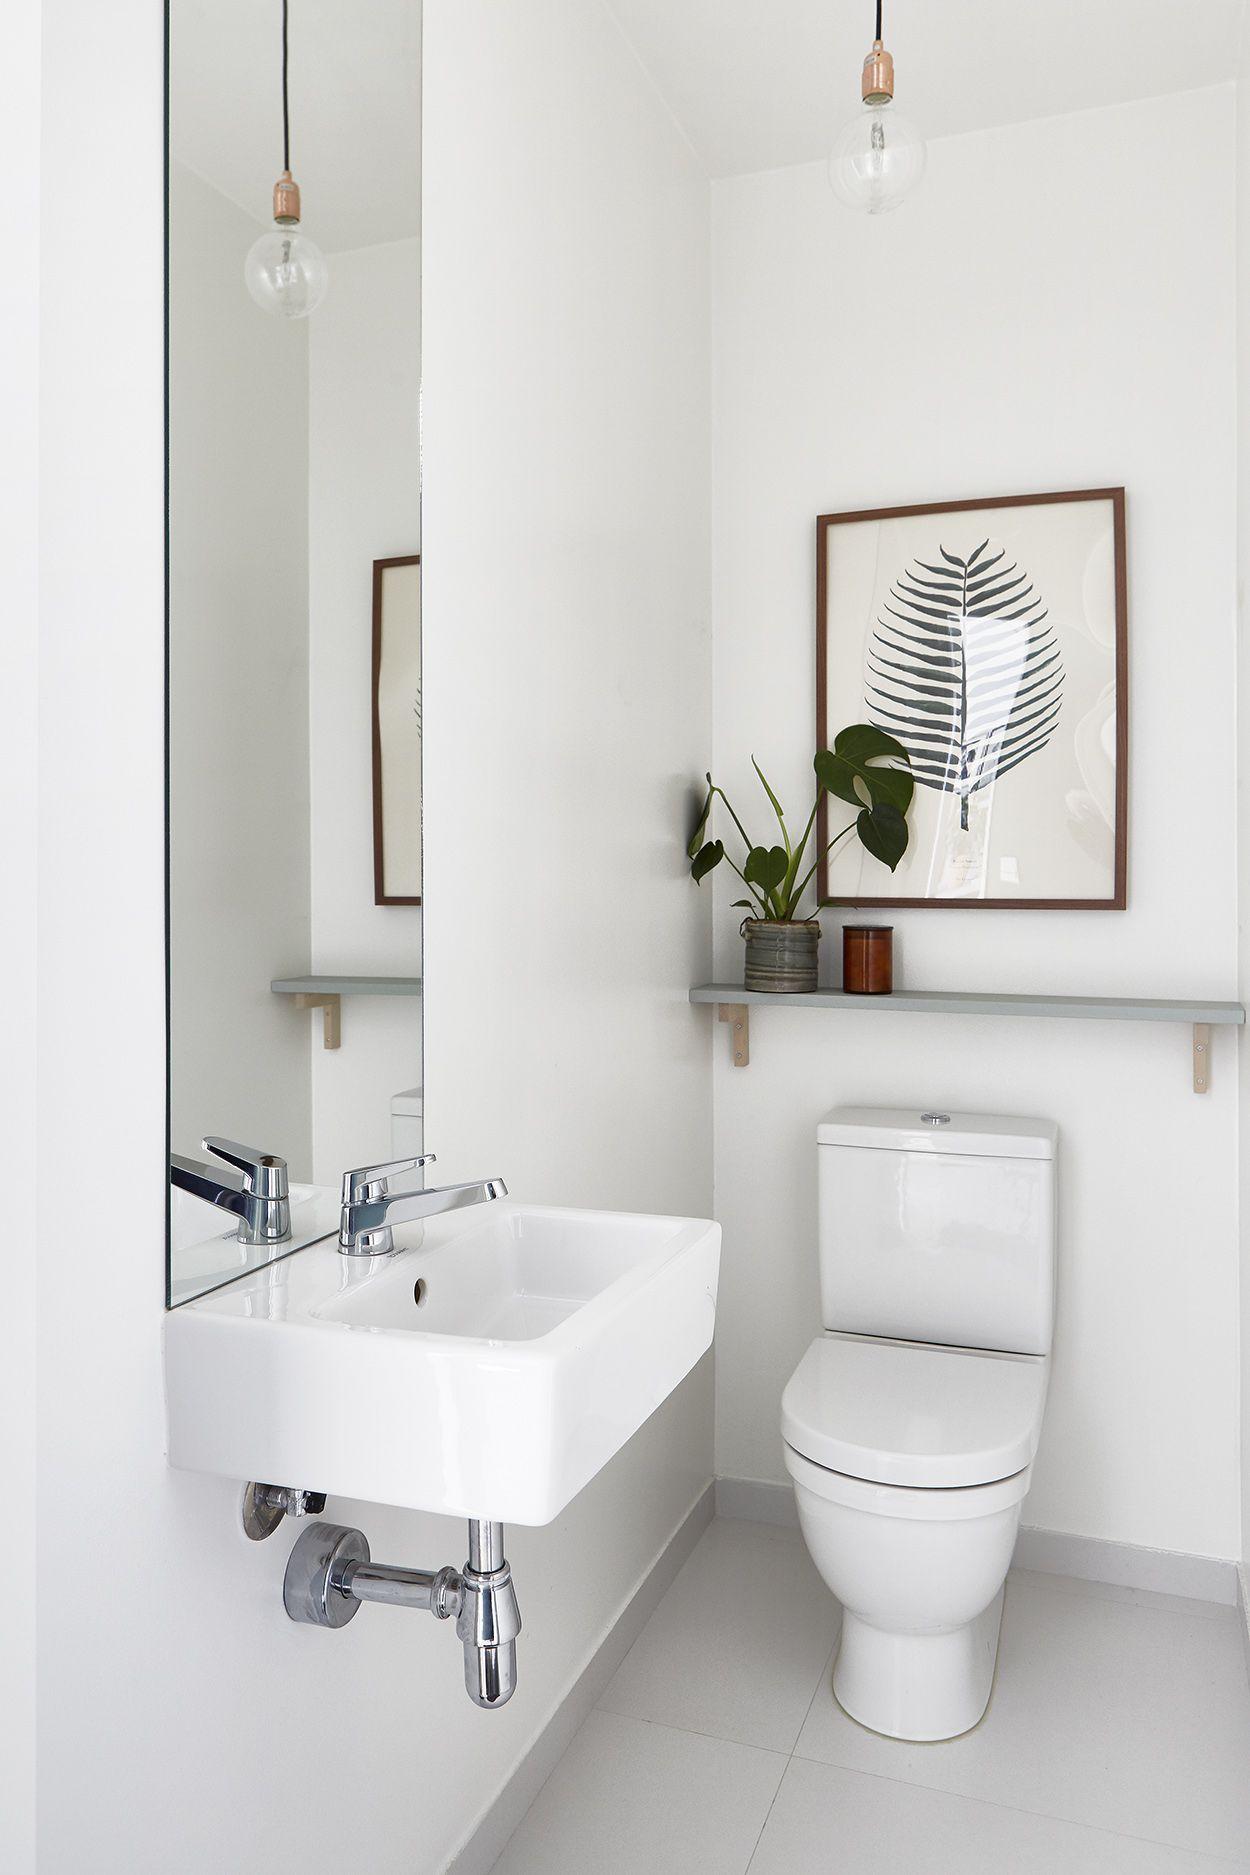 5x8 badezimmer design neroli russell nerolirussell on pinterest